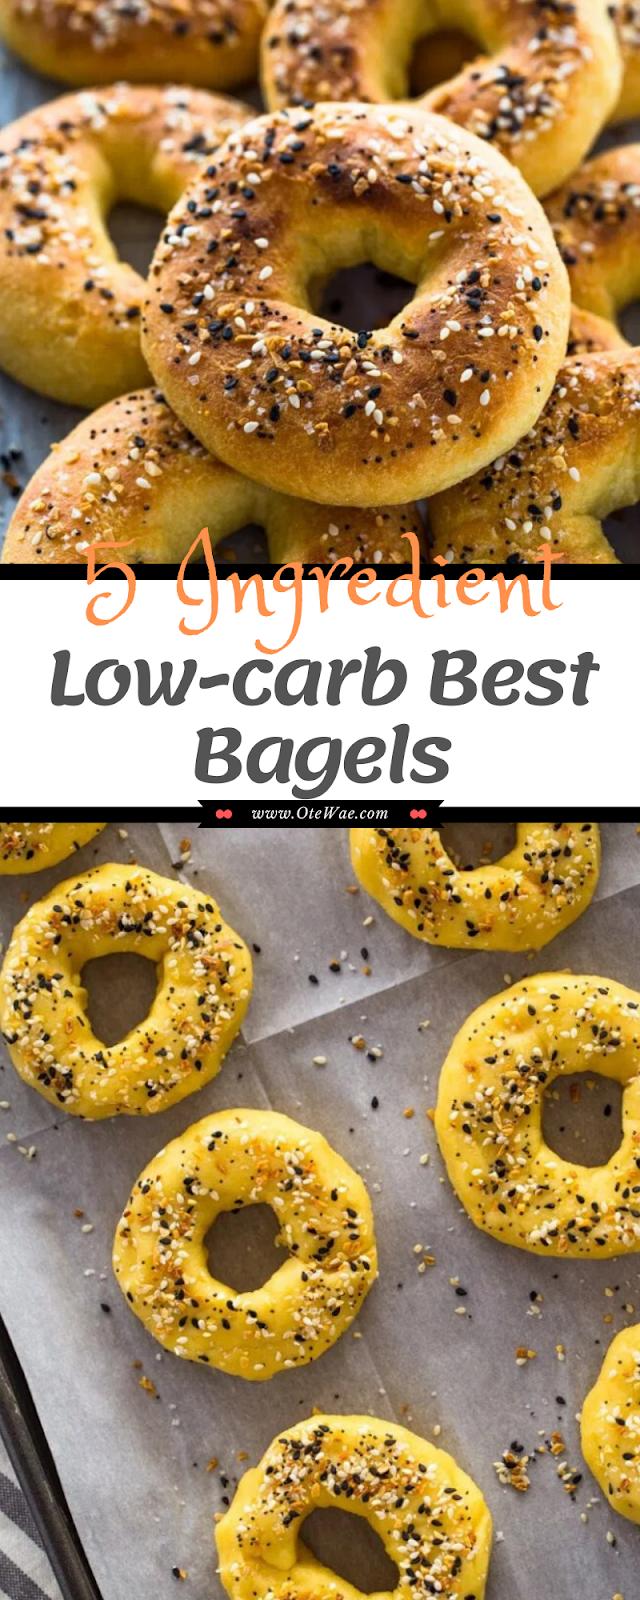 5 Ingredient Low-carb Best Bagels